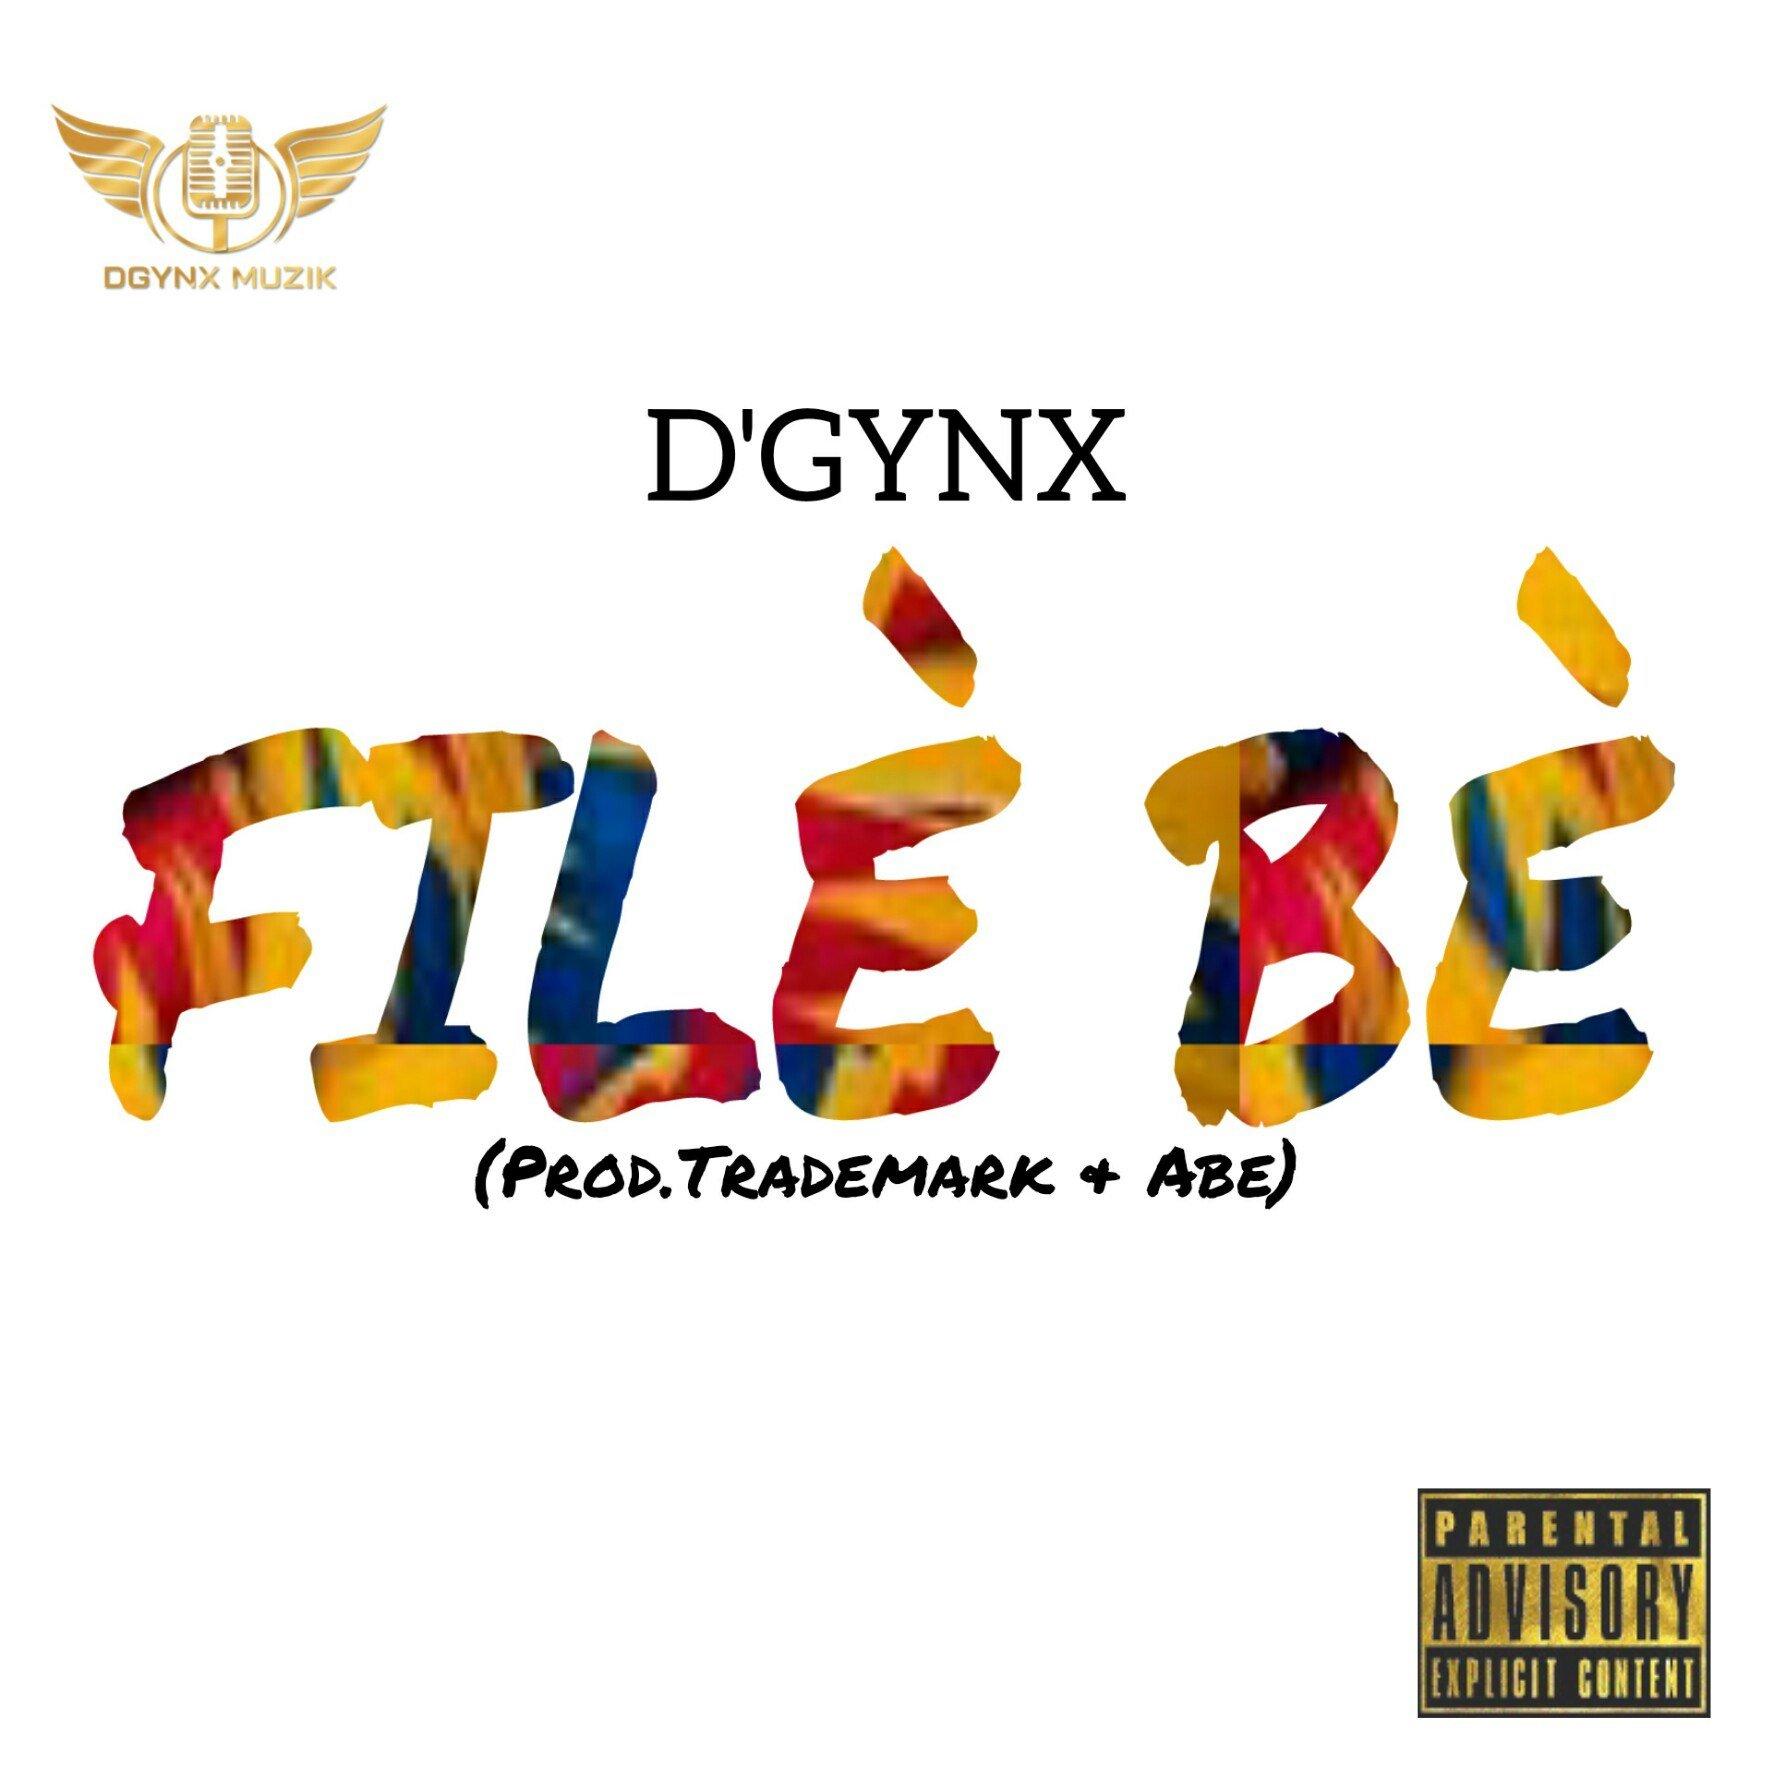 DGynx Filè Bè